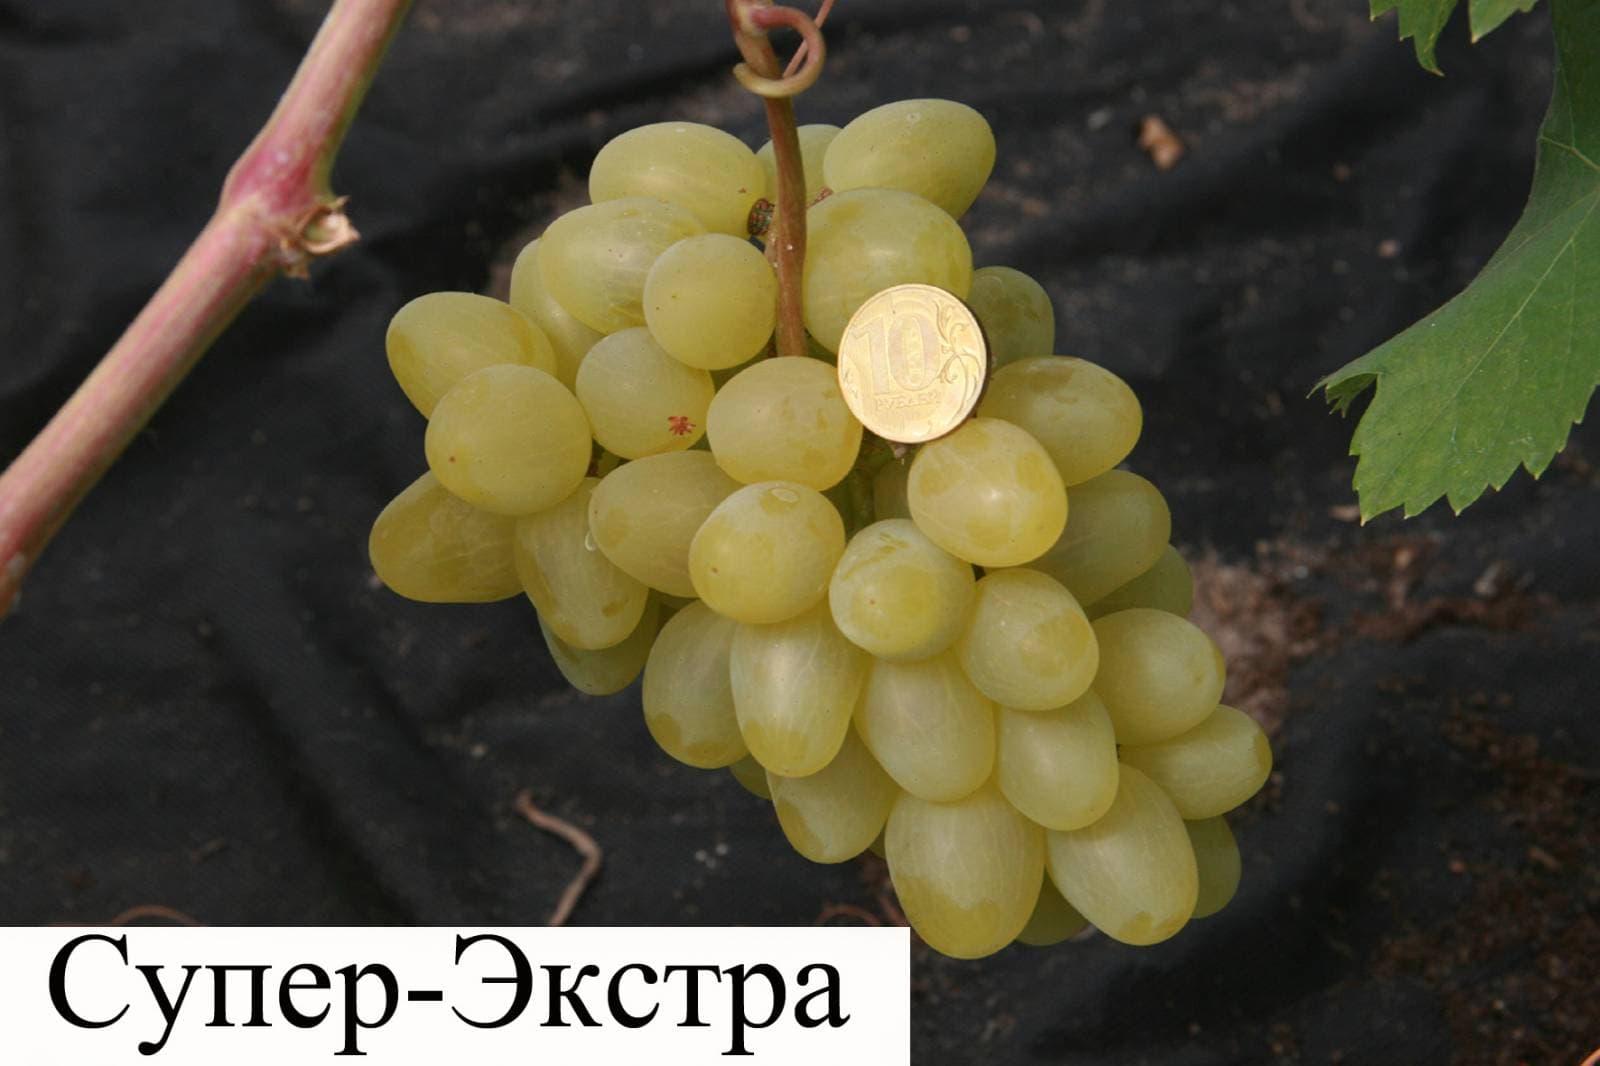 Виноград супер экстра: как вырастить на своем участке, отзывы